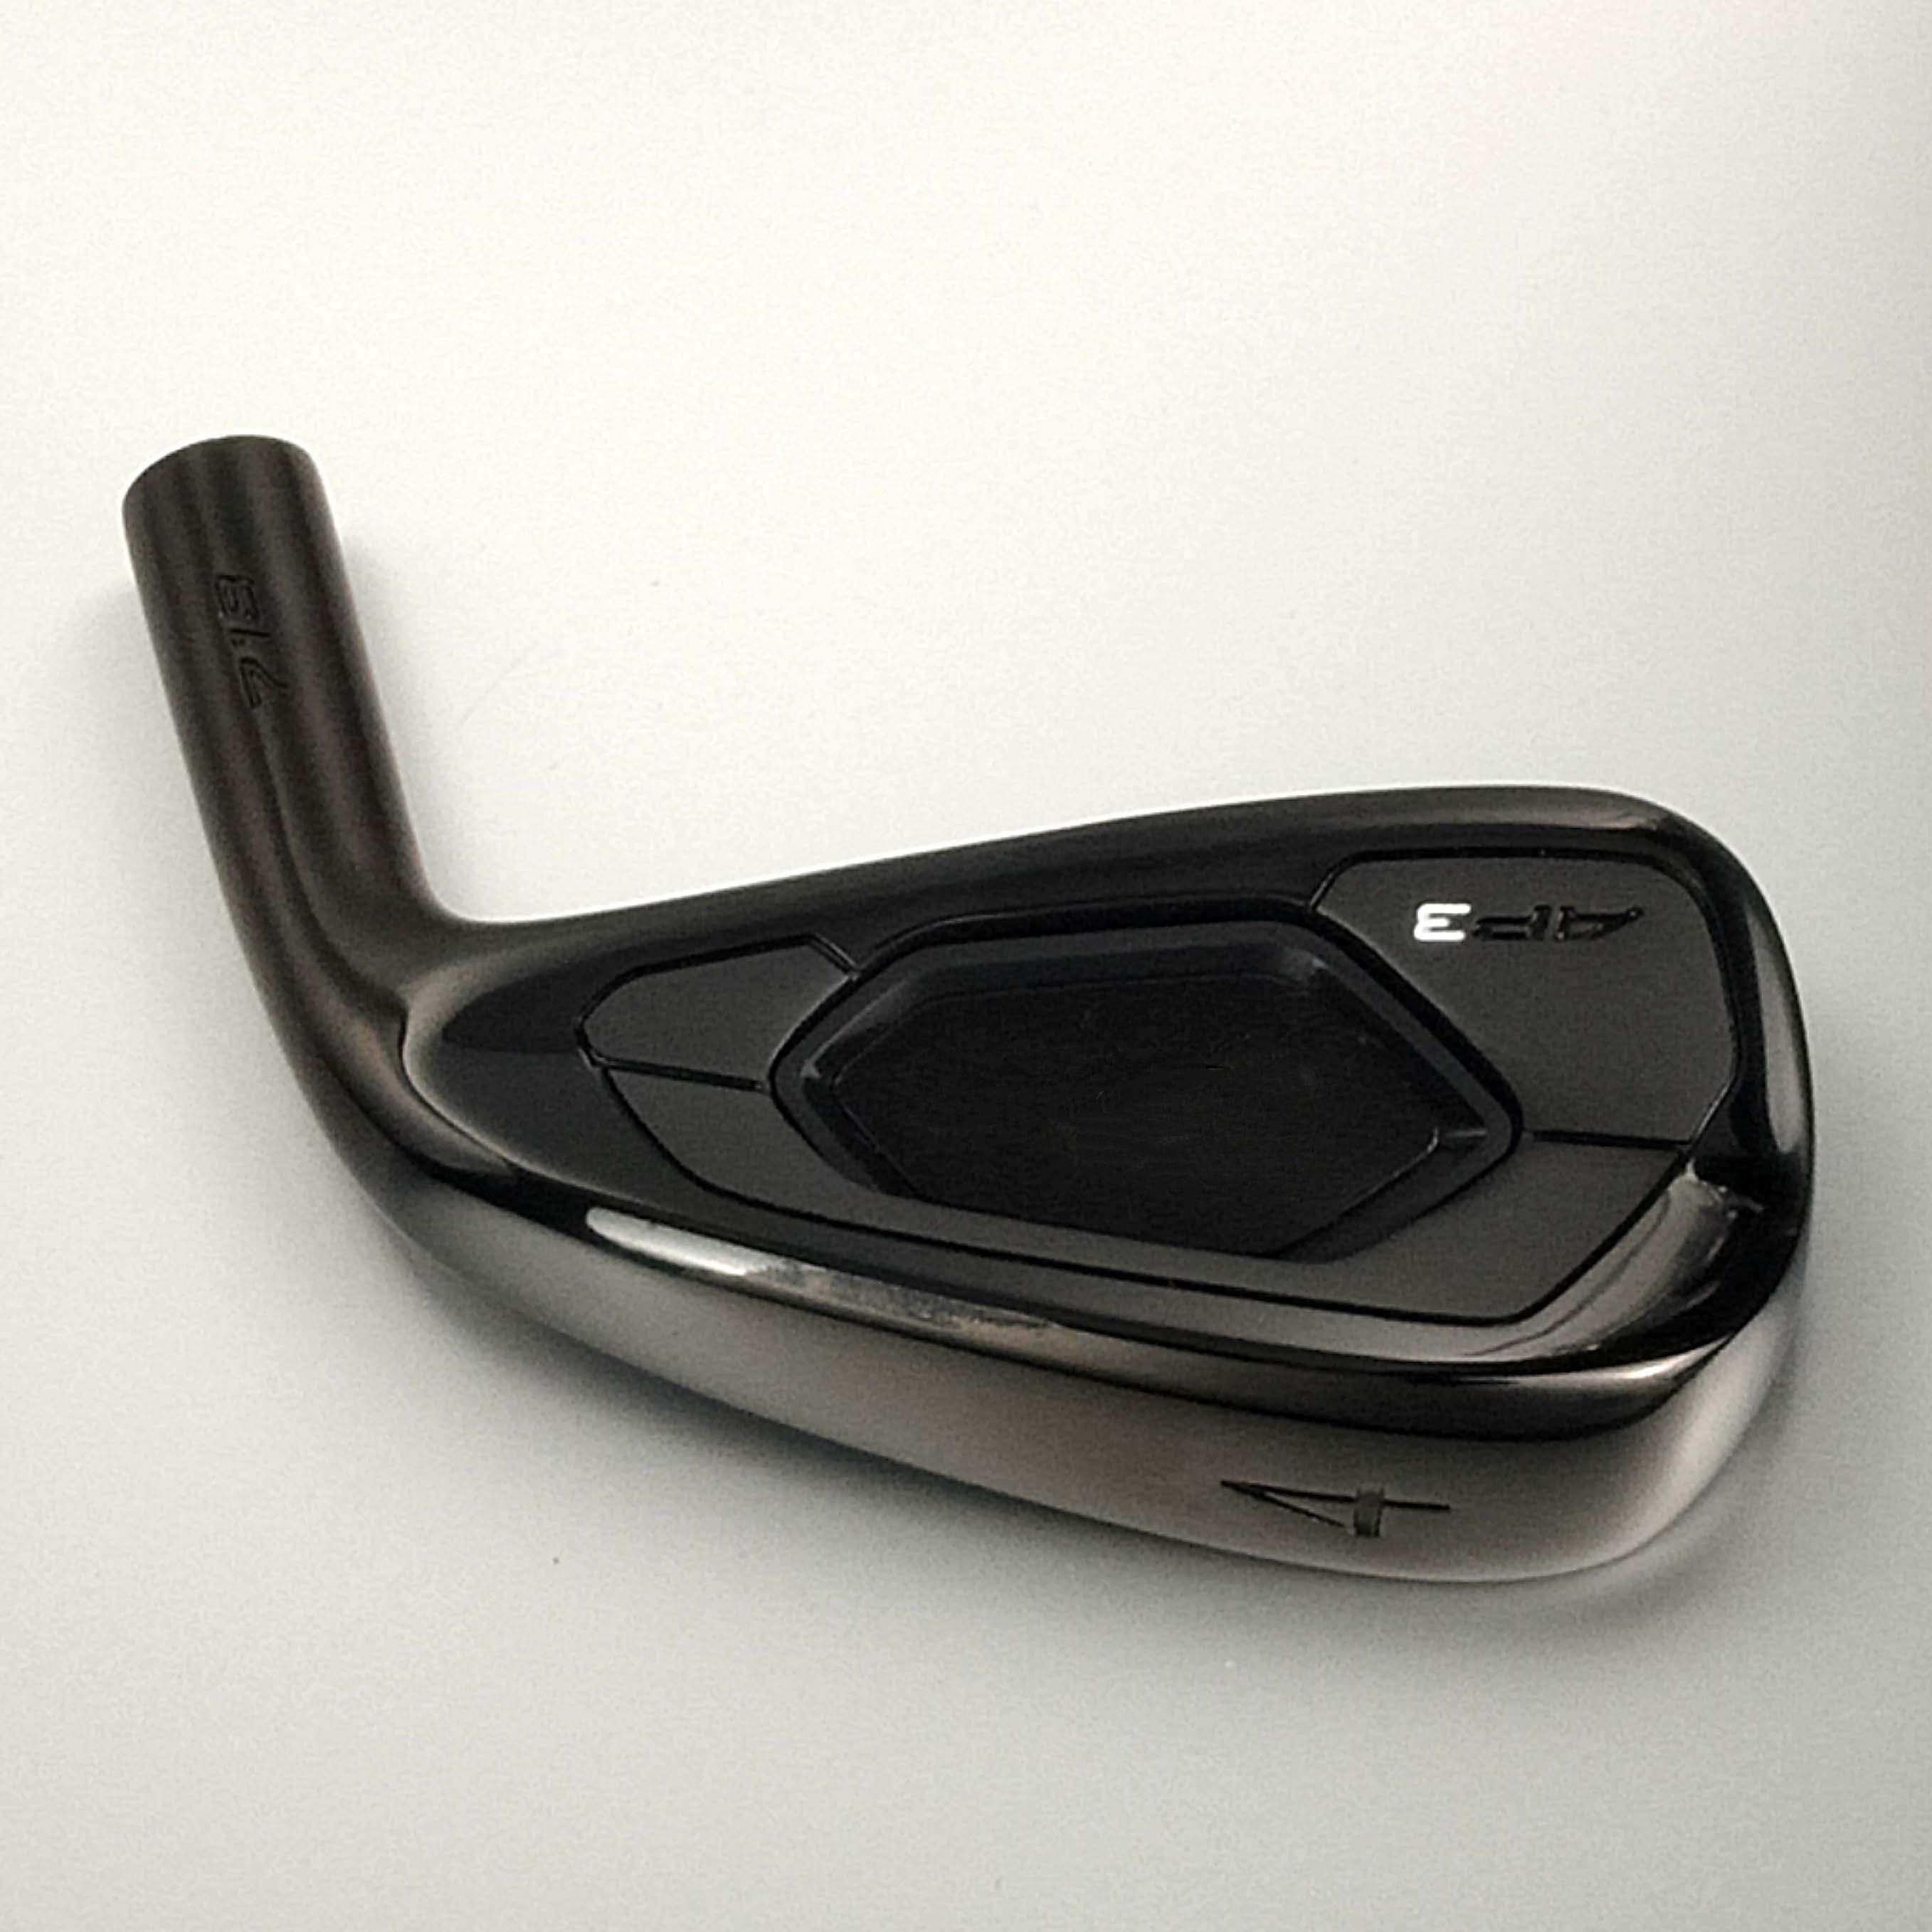 Клюшки для гольфа Утюги A3 718 черный Гольф Кованое железо 3 9 Вт R/S стальной вал с головкой крышка Бесплатная доставка